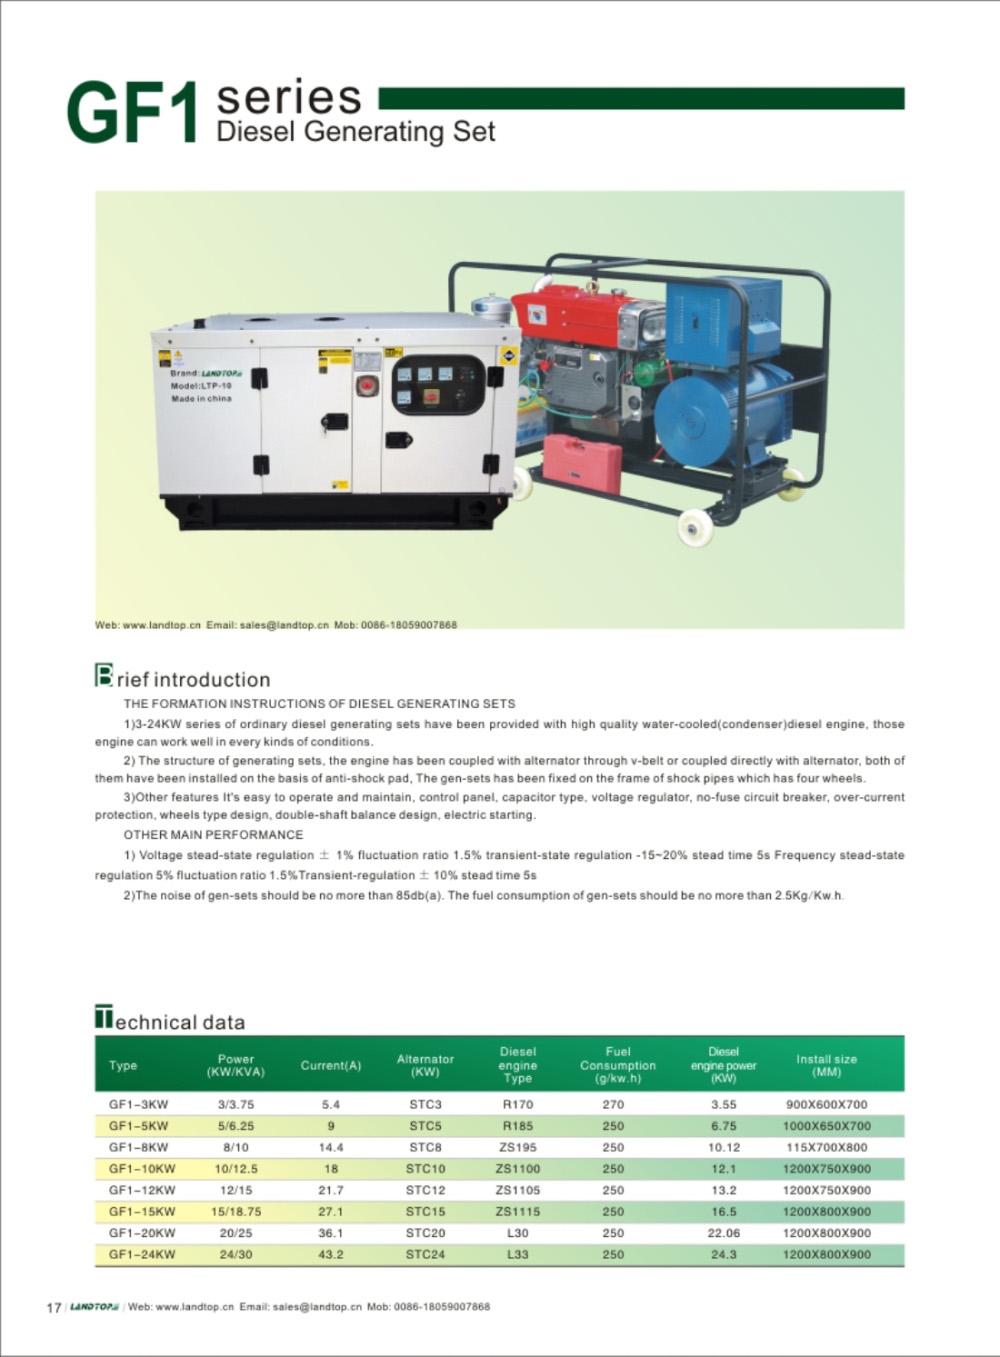 GF1 Diesel Generator